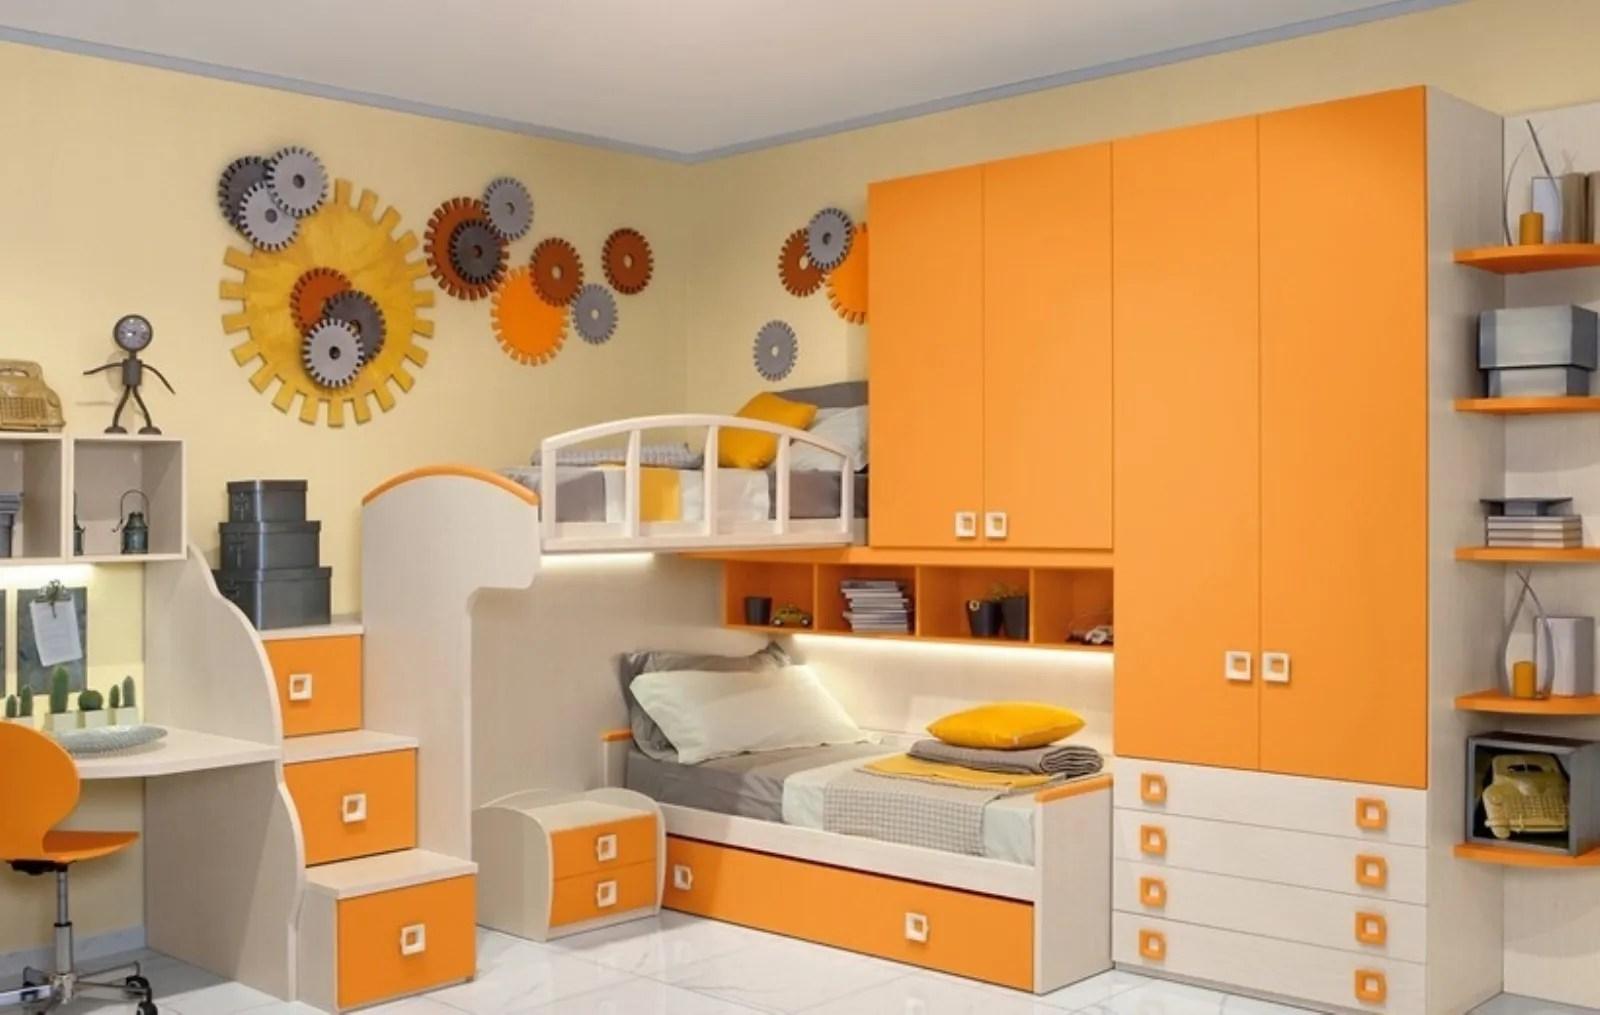 Risparmio, sicurezza e design garantiti. Camerette Bambini Mondo Convenienza